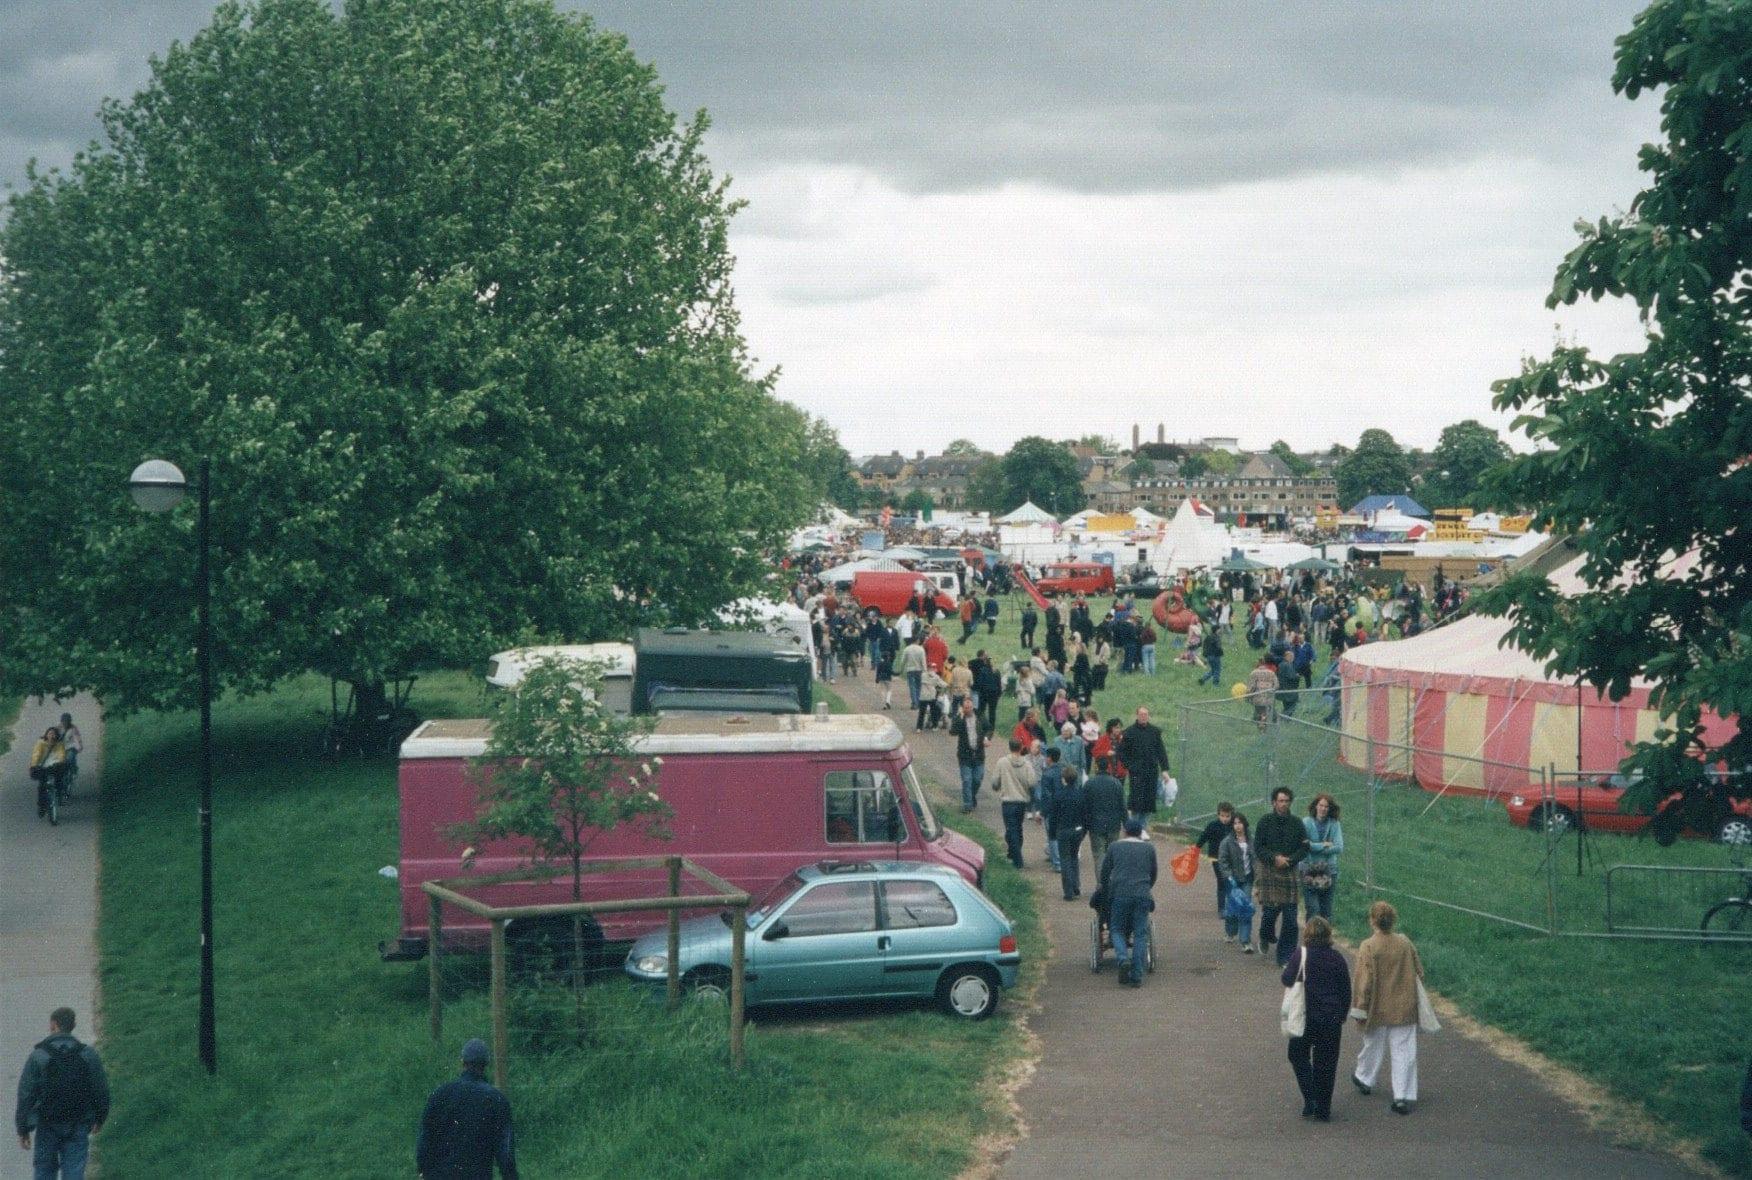 View from Victoria Avenue bridge circa 2002